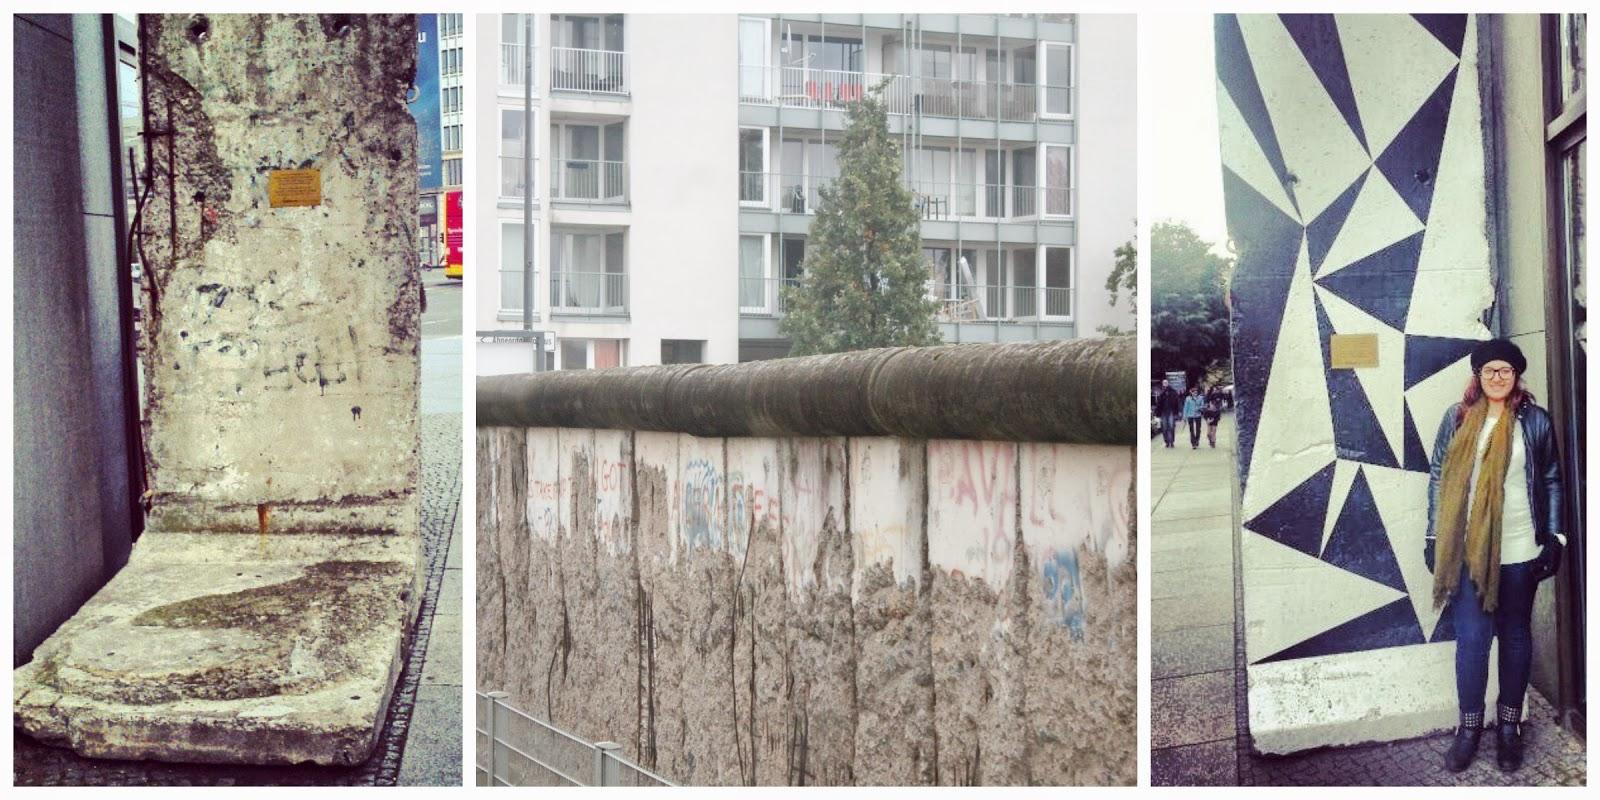 Dois dias em berlim - o muro de berlim